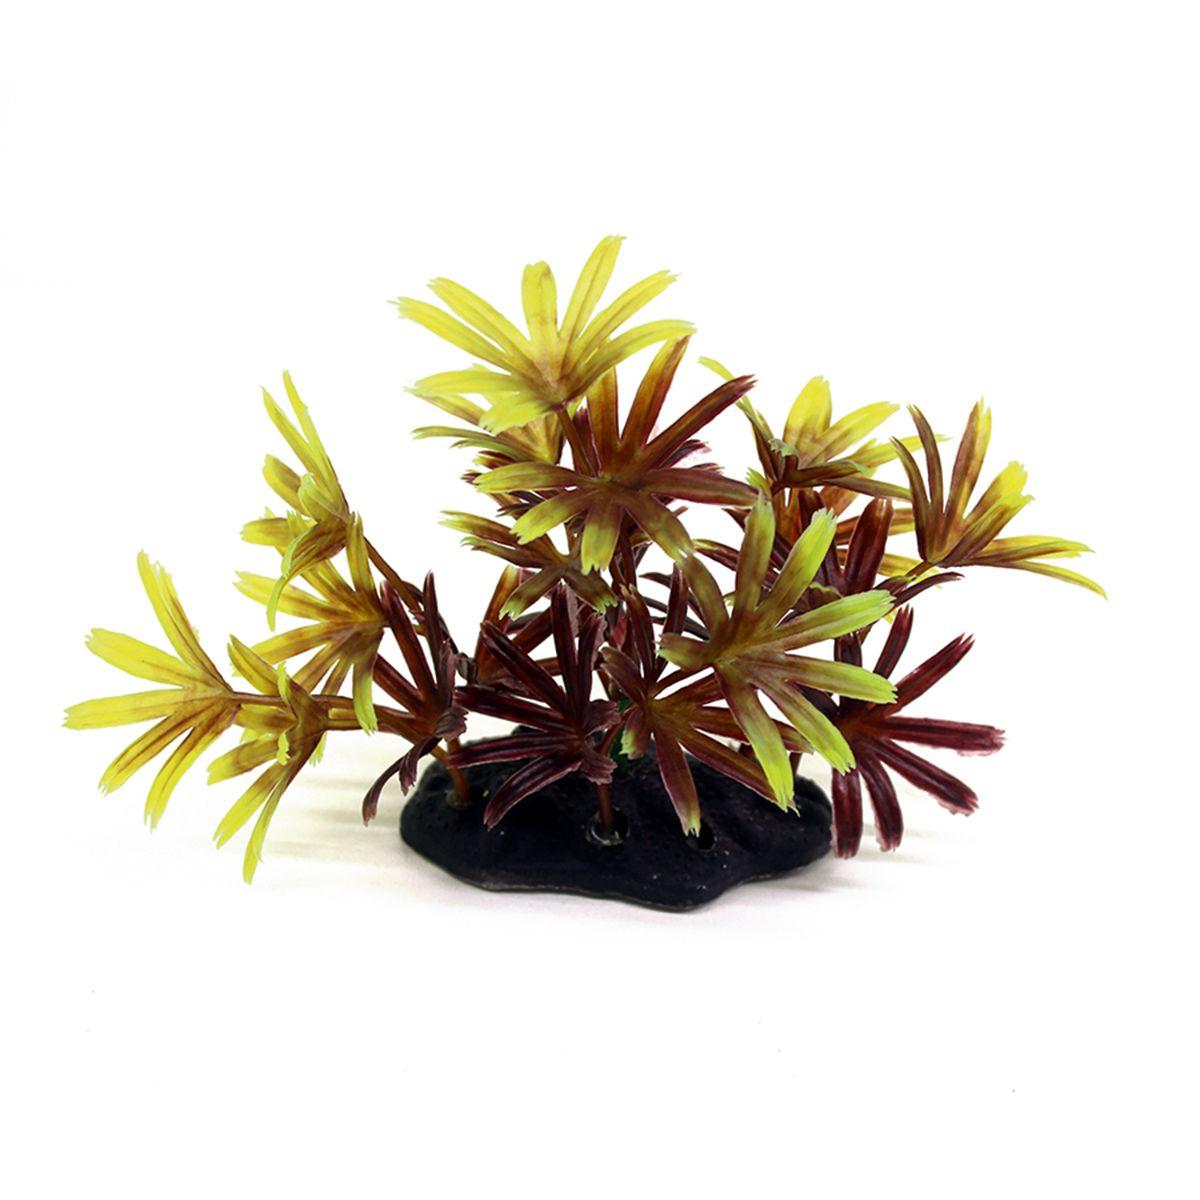 Растение для аквариума ArtUniq Бамбуза красно-желтая, высота 10-12 смART-1192118Растение для аквариума ArtUniq Бамбуза красно-желтая, высота 10-12 см